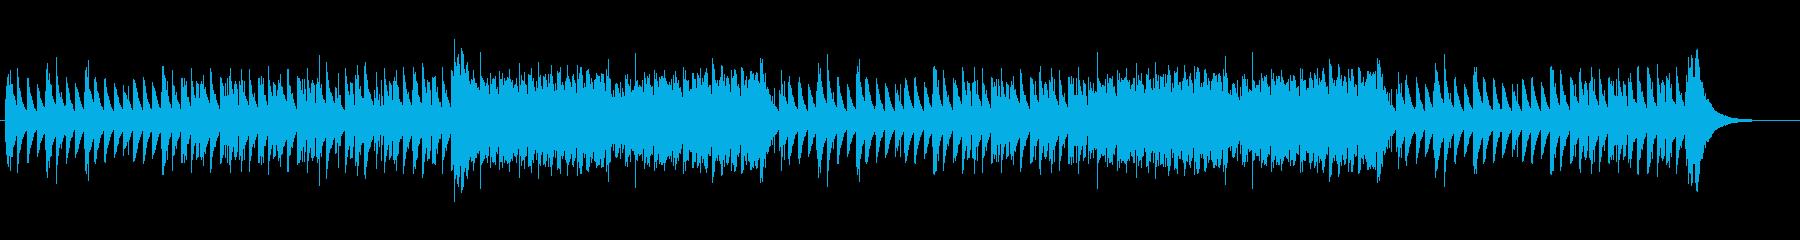 ミステリー感漂う静かなベルのバラードの再生済みの波形